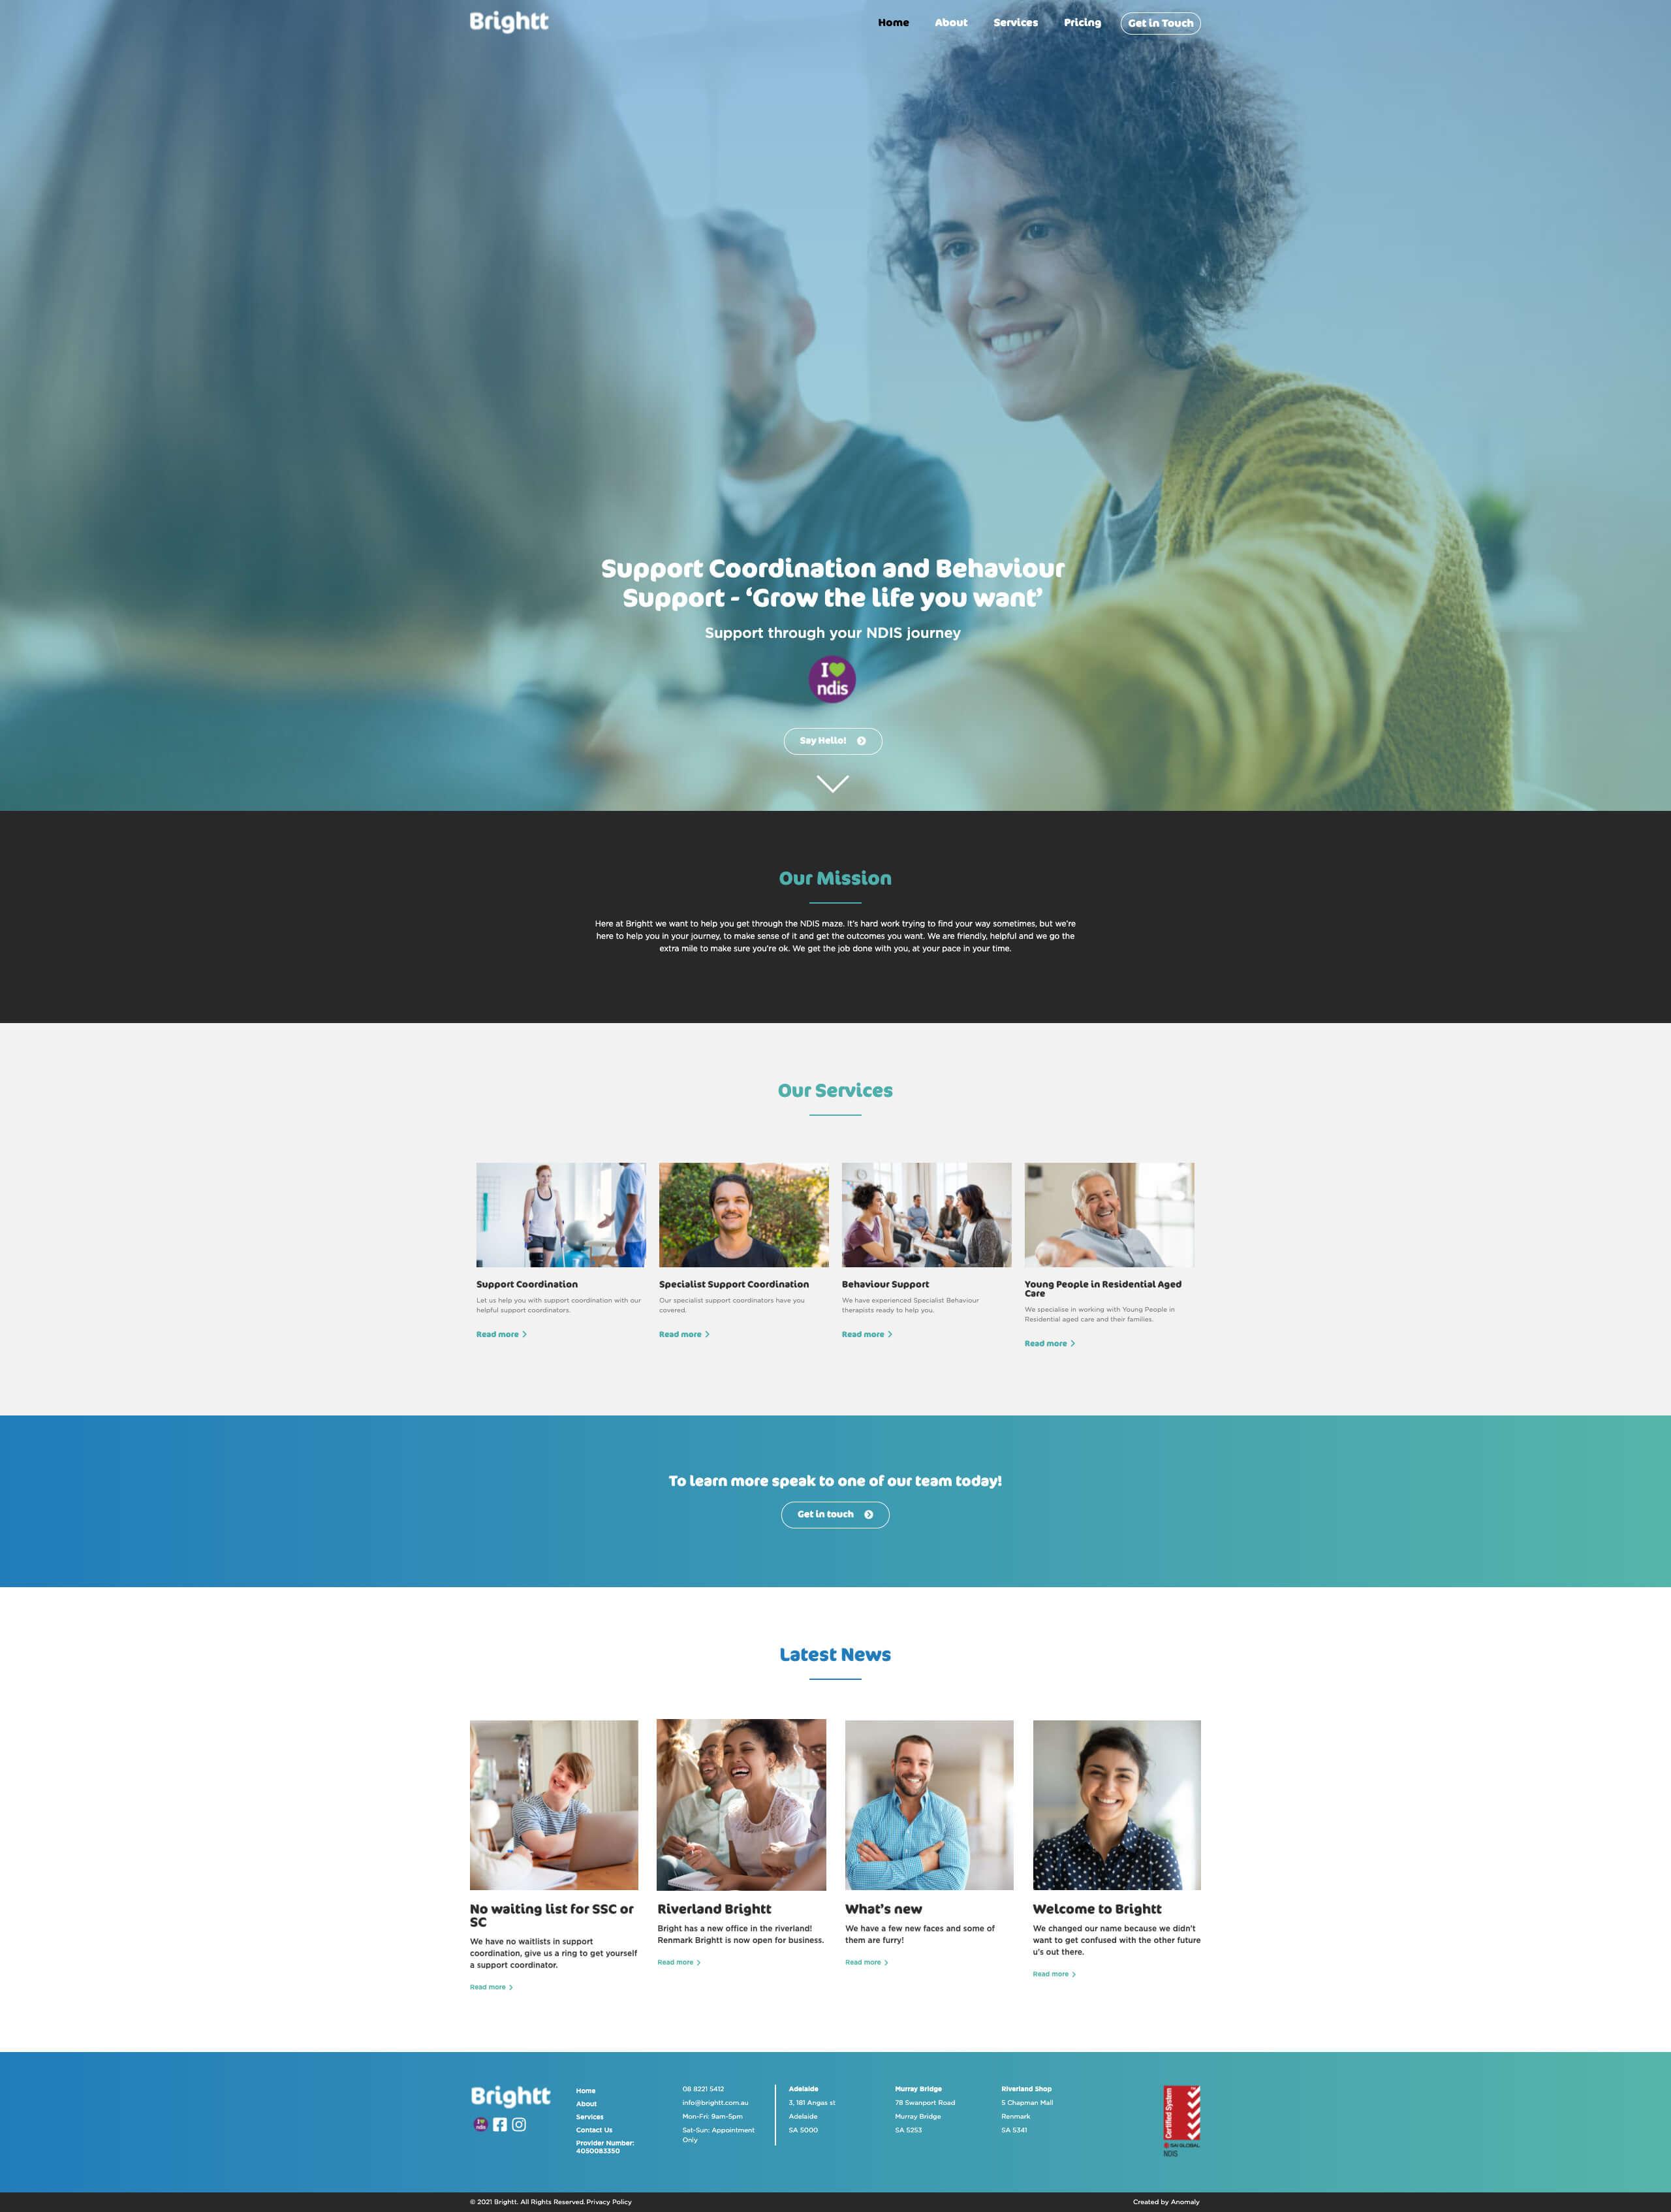 Brightt website